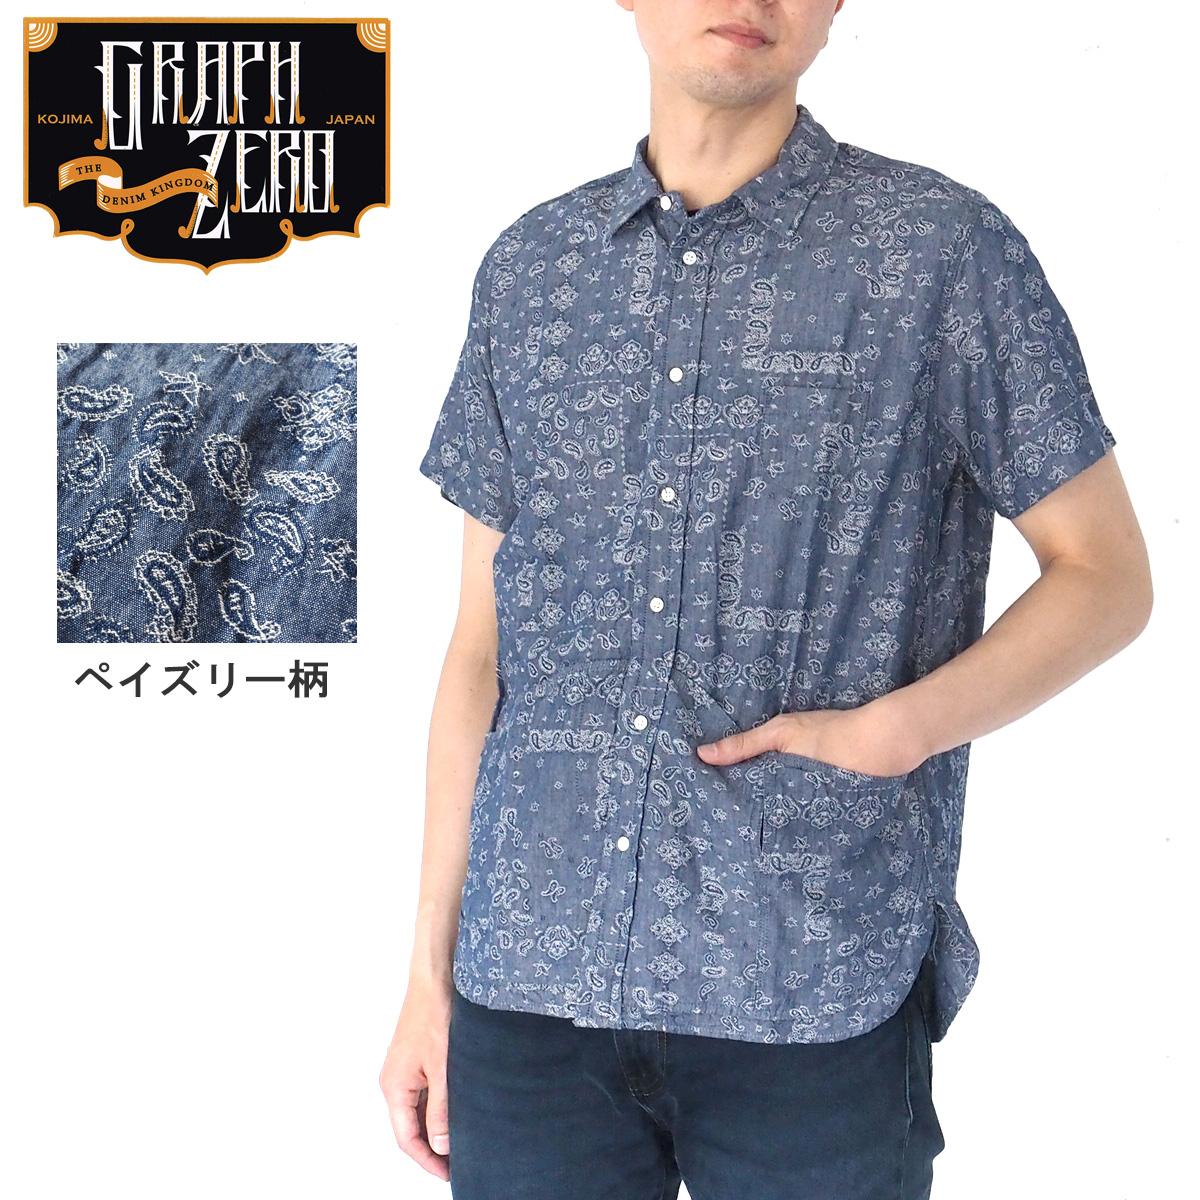 graphzero(グラフゼロ) ヘムポケットシャツ インディゴシャンブレー生地 ペイズリー柄 半袖 メンズ [GZ-HMPKS-0204-PIS-MENS]